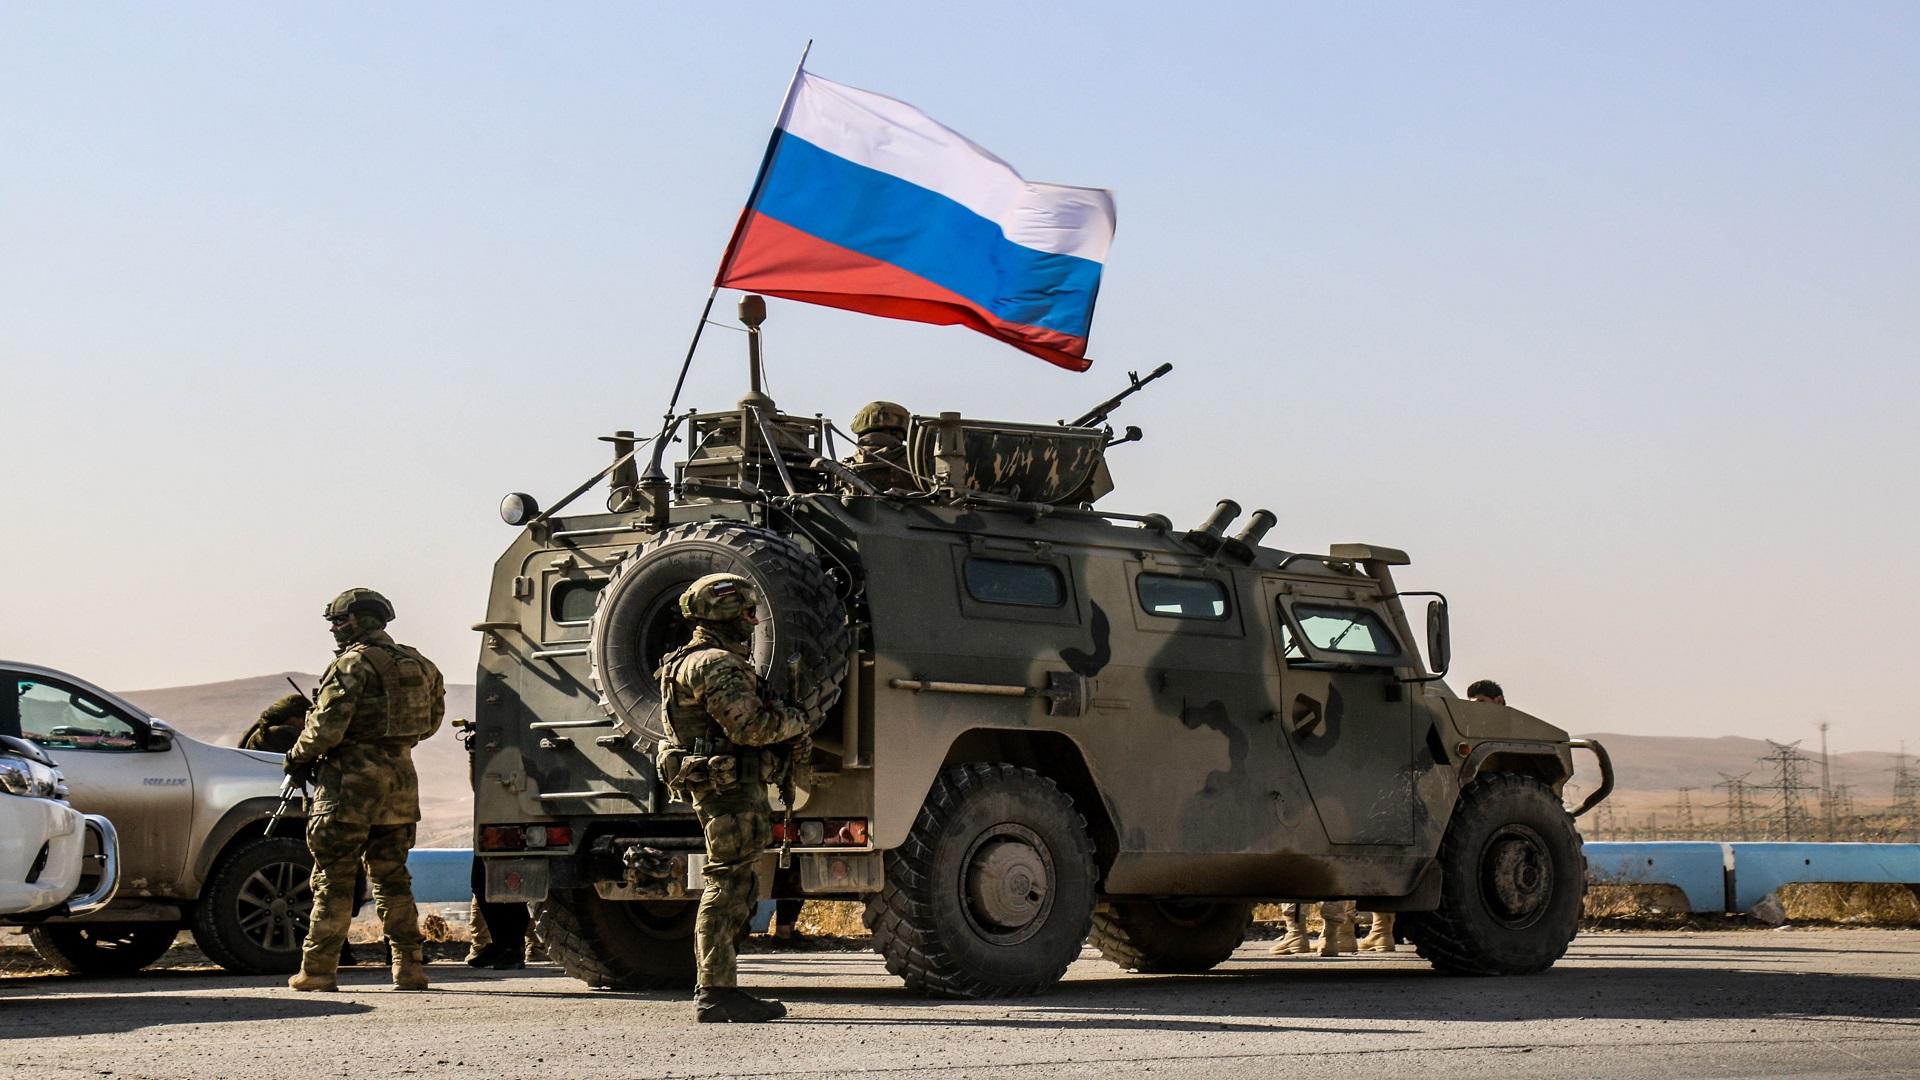 روسيا تطرد قوات النظام من حقل نفطي شرق سوريا  بطريقة مهينة